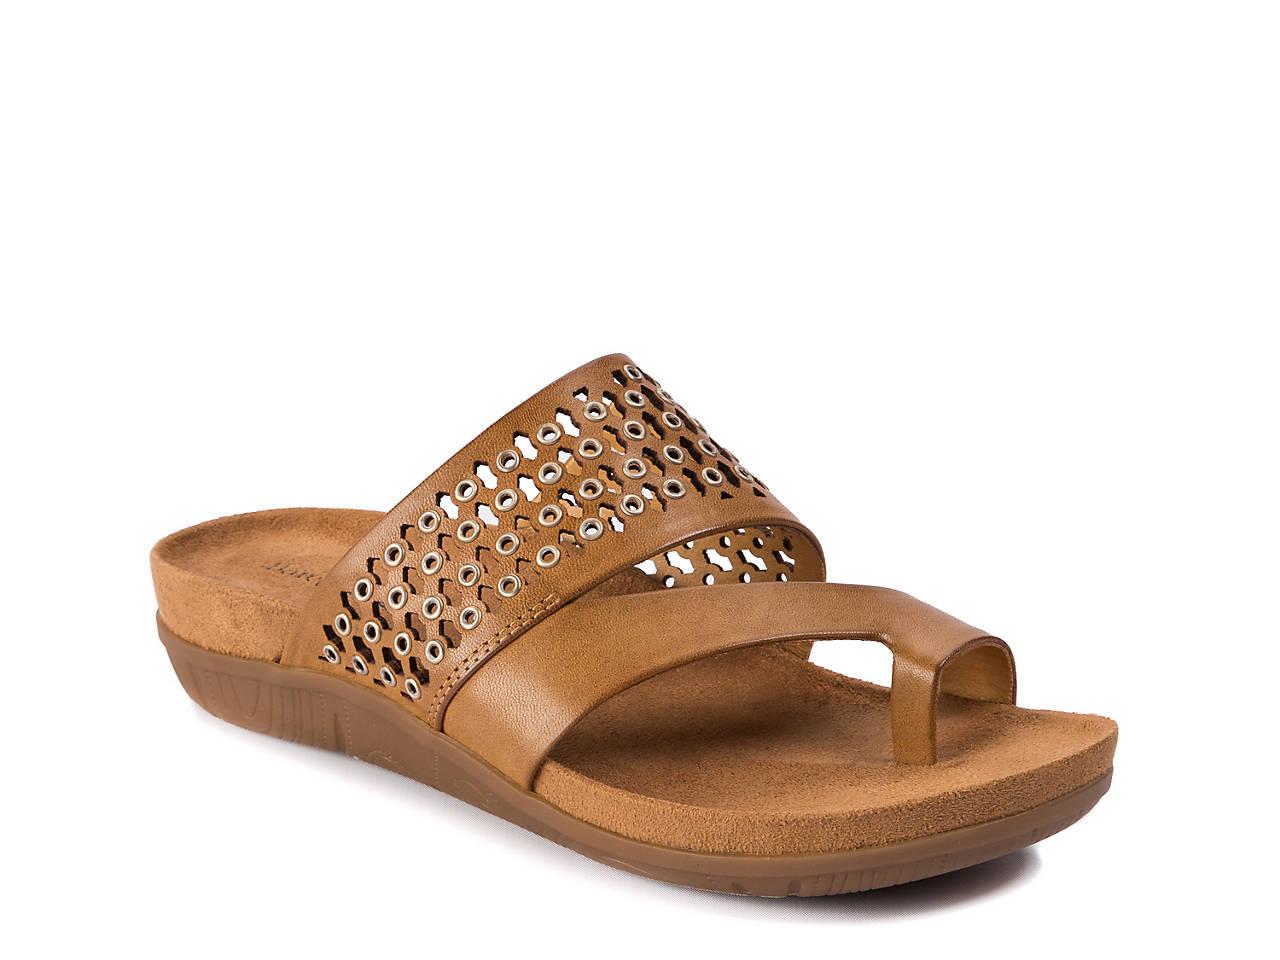 e6b3817f217 Bare Traps Juny Sandal Women s Shoes